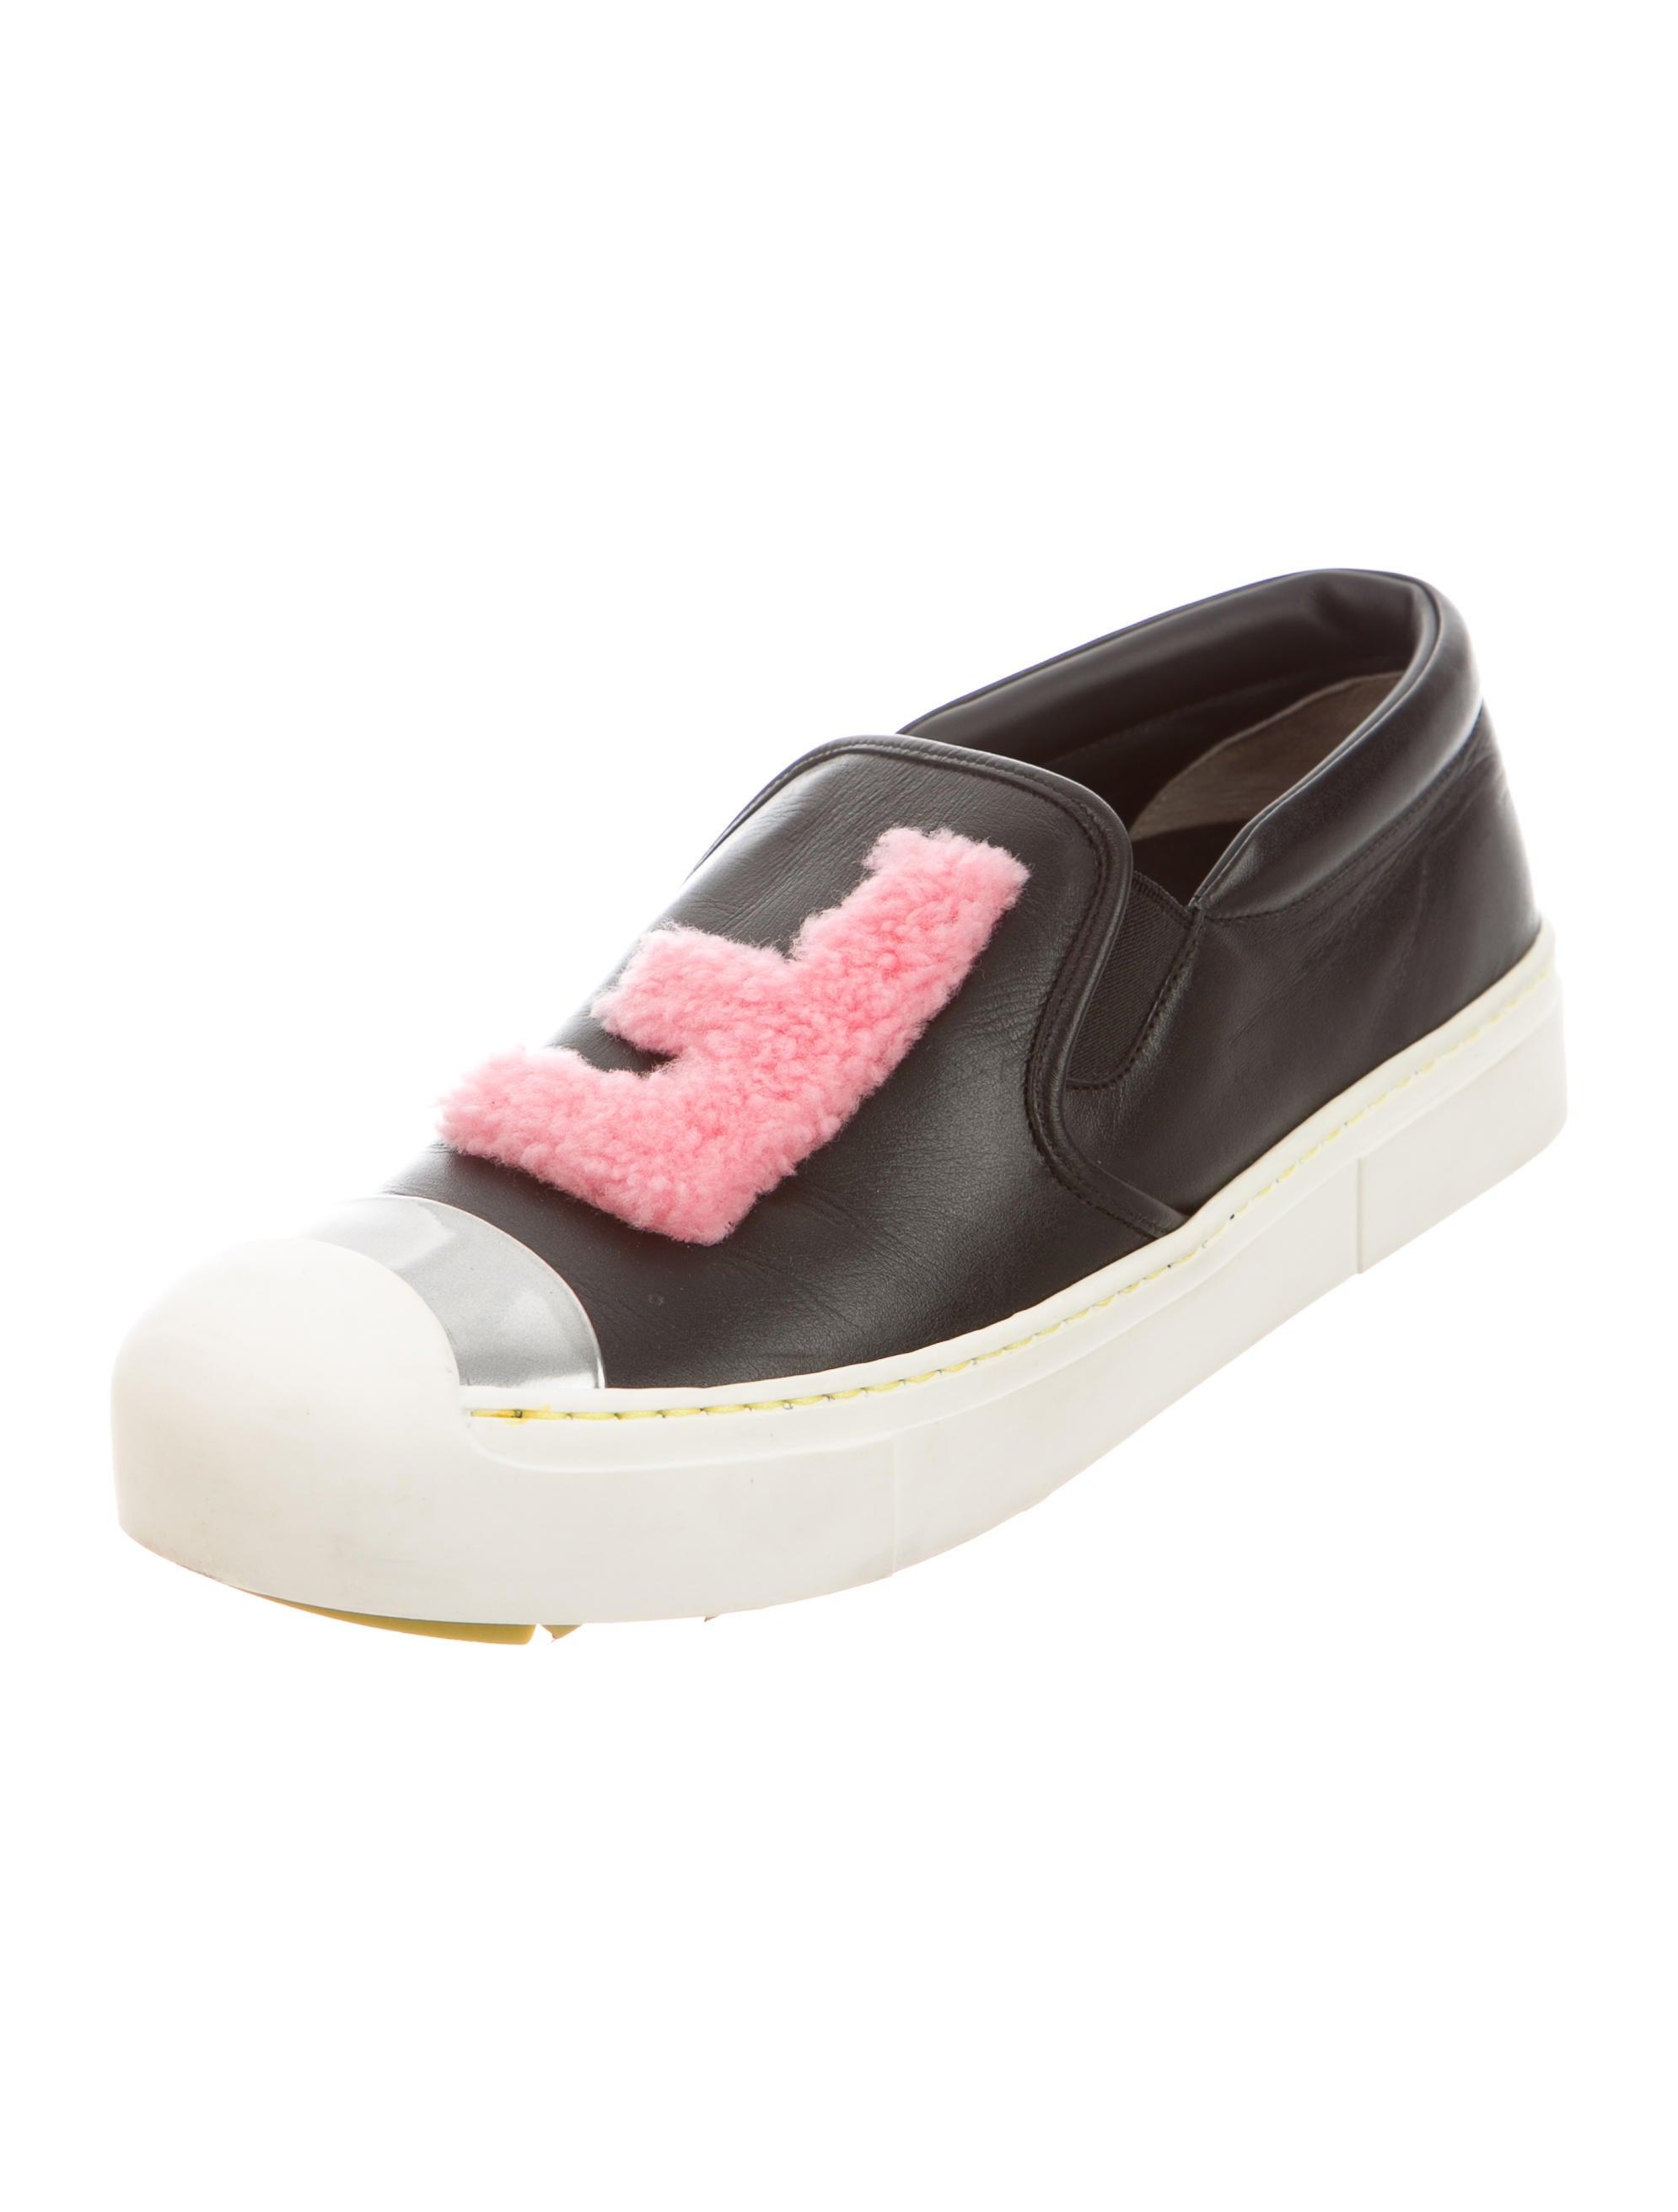 Fendi Fur-Trimmed Slip-On Sneakers - Shoes - FEN47319 ...